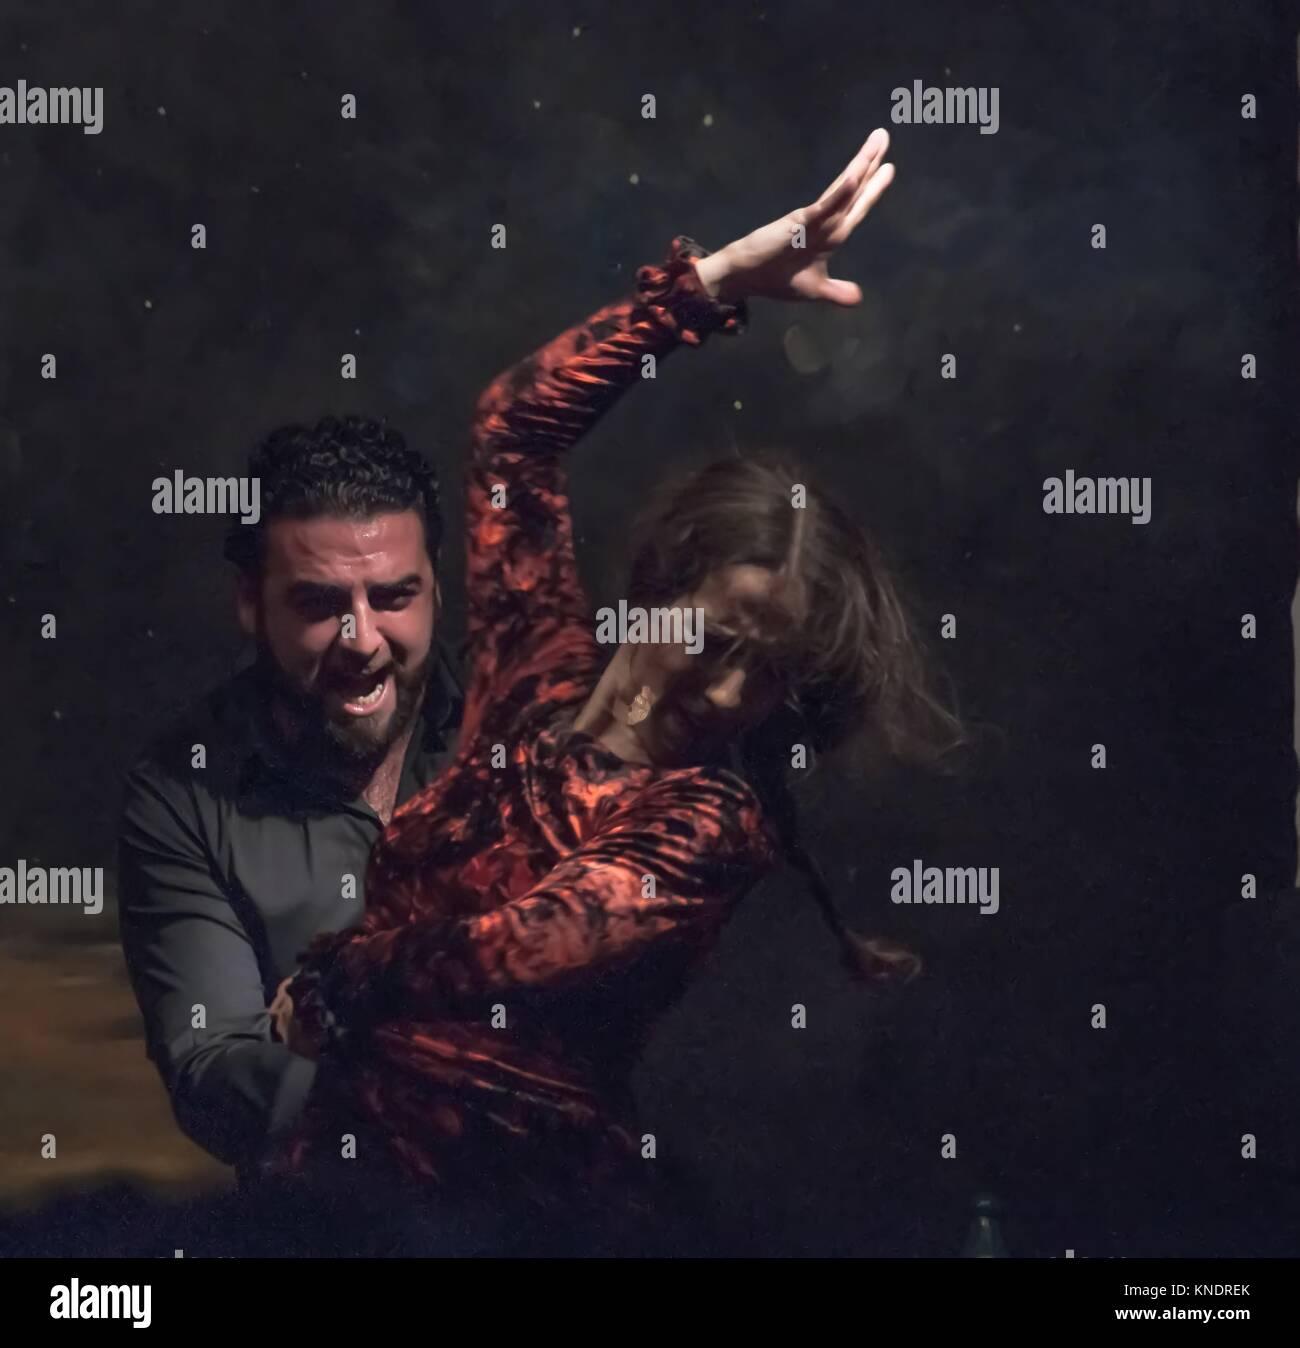 Leidenschaftliche Flamenco tanzen. Der Tänzer mit Zerzausten braunen Haar, ihr erhobenen Rechten Hand in helles Stockbild